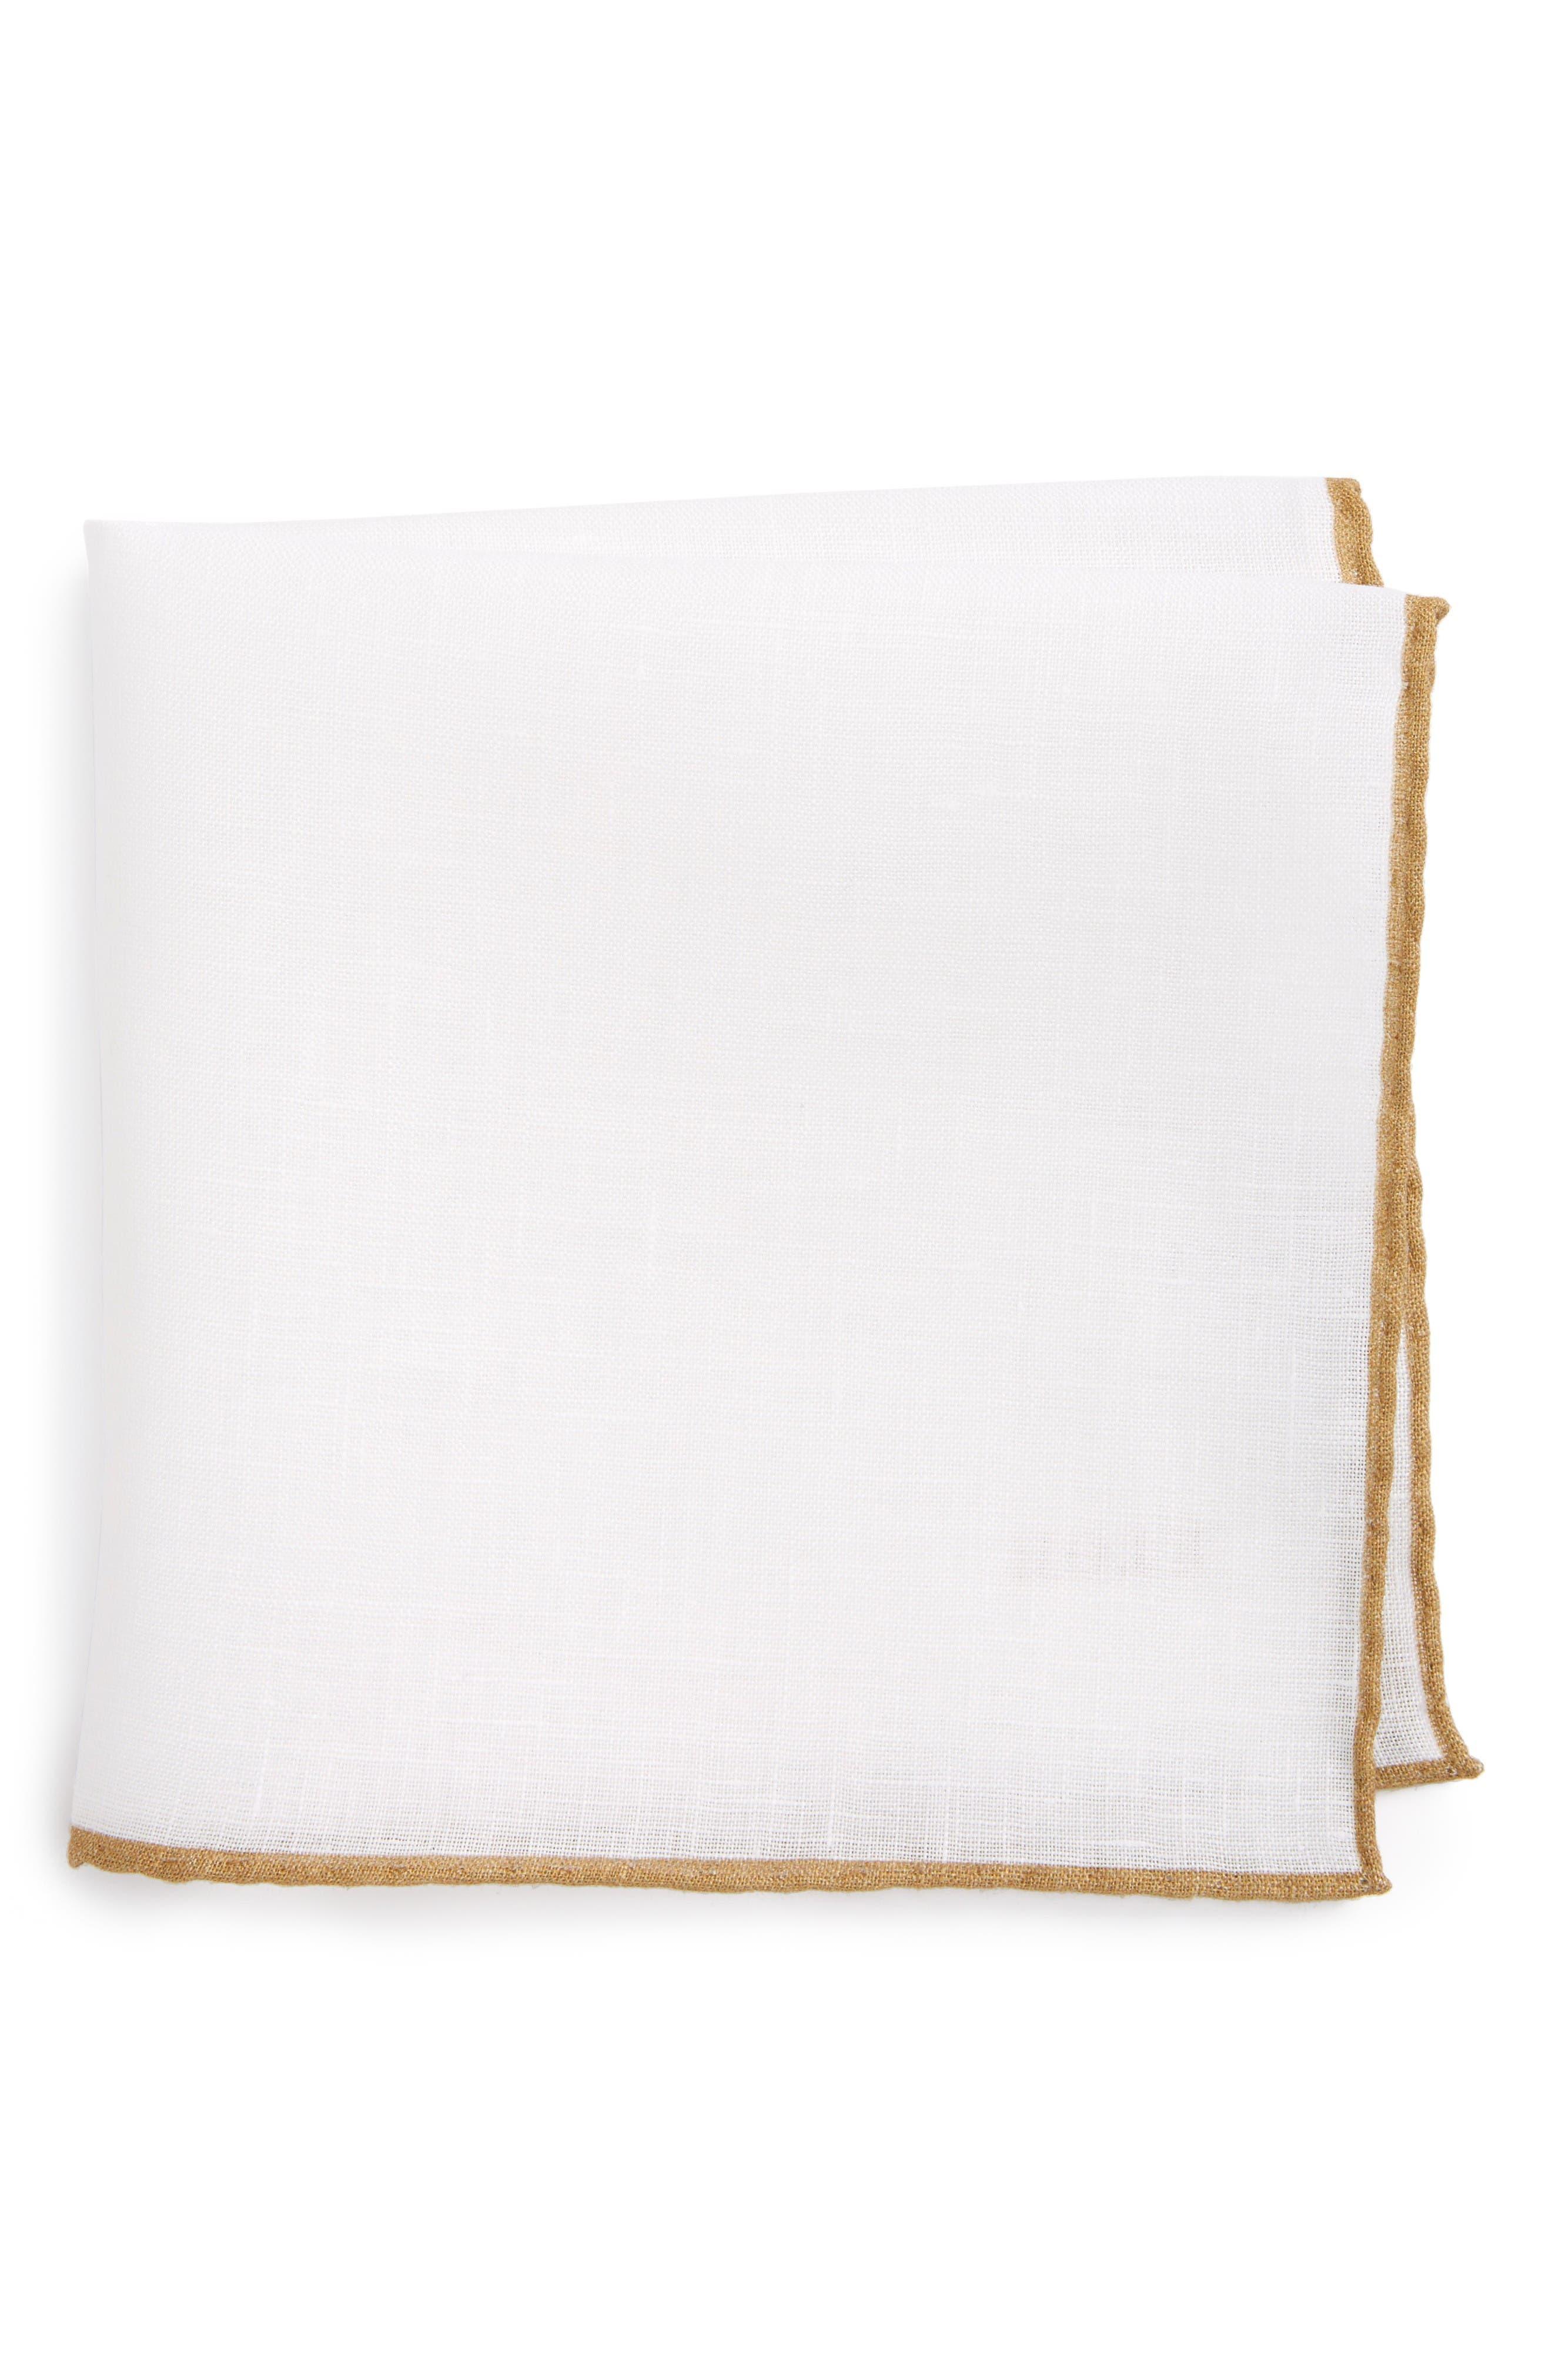 Eton Solid Linen Pocket Square